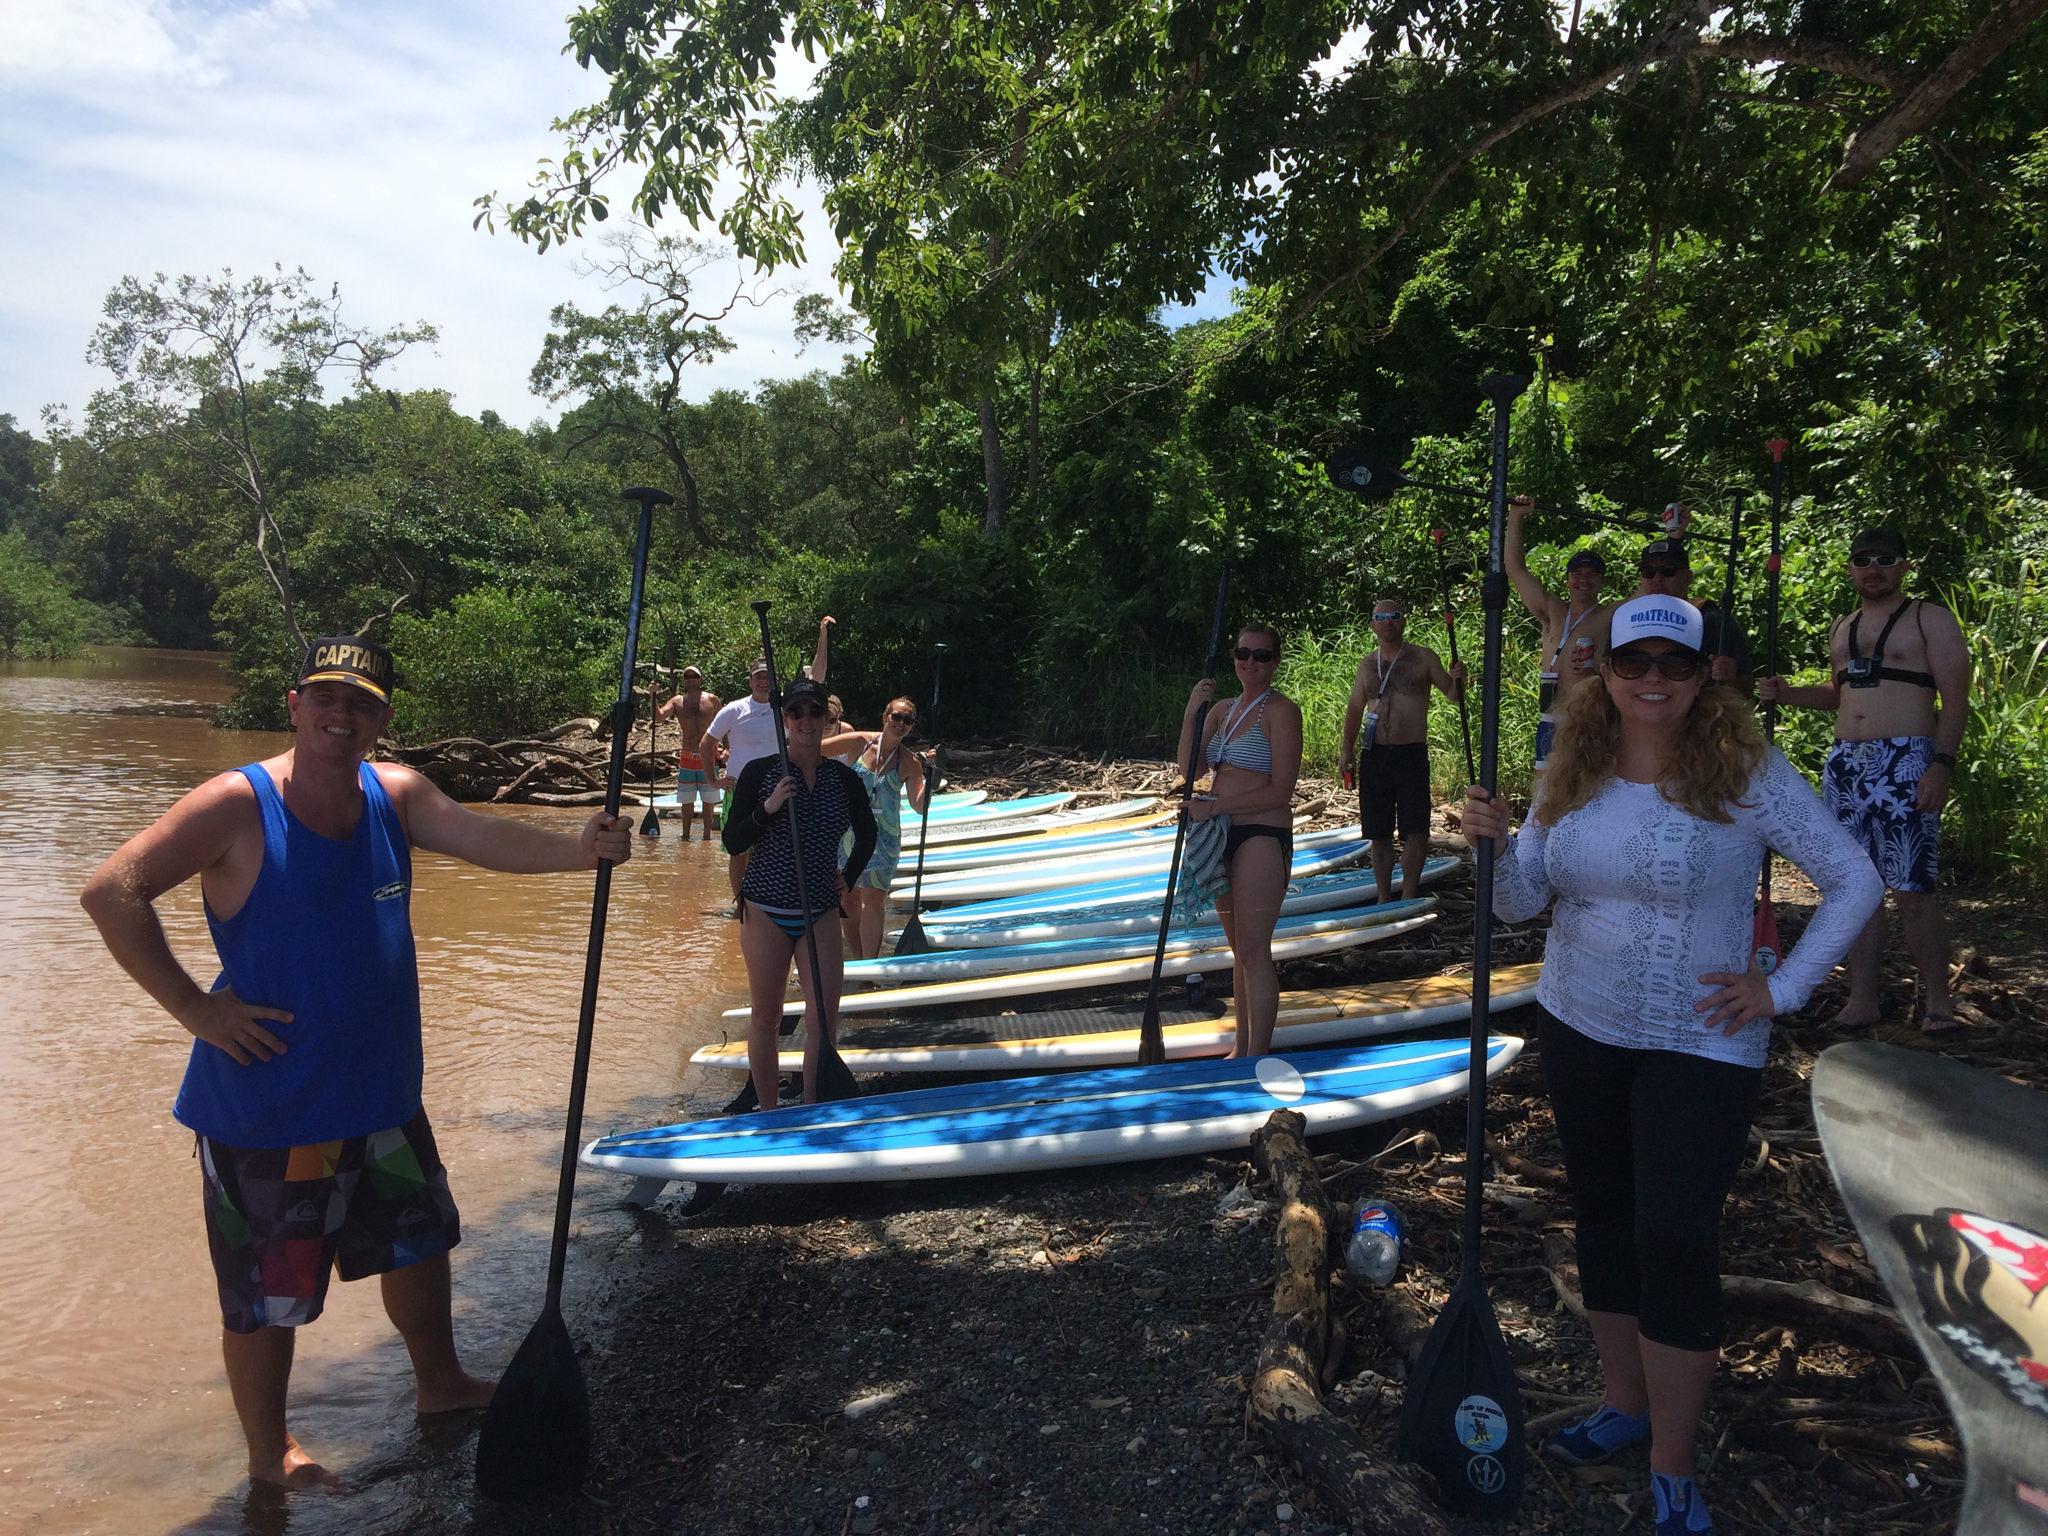 SUP Mangrove Tours